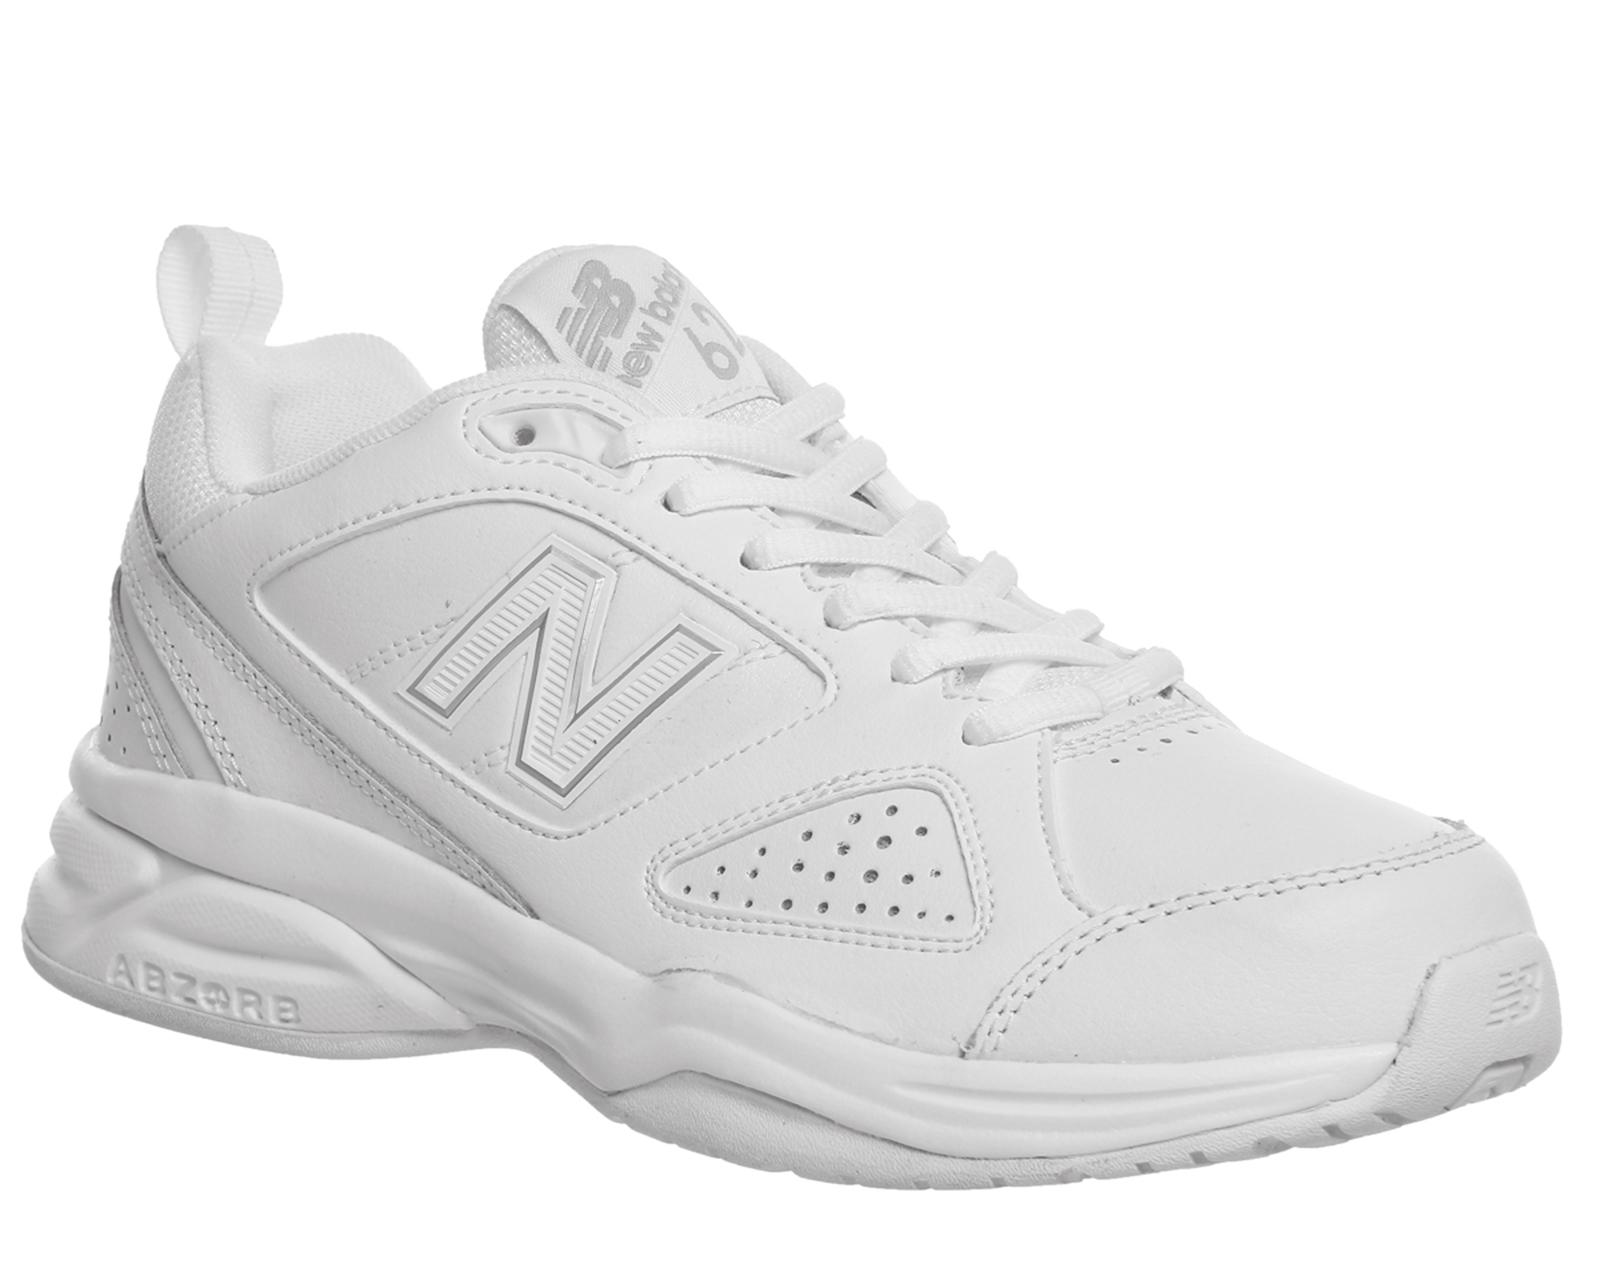 Da Donna New Balance 624 Scarpe da ginnastica White White Scarpe da ginnastica F